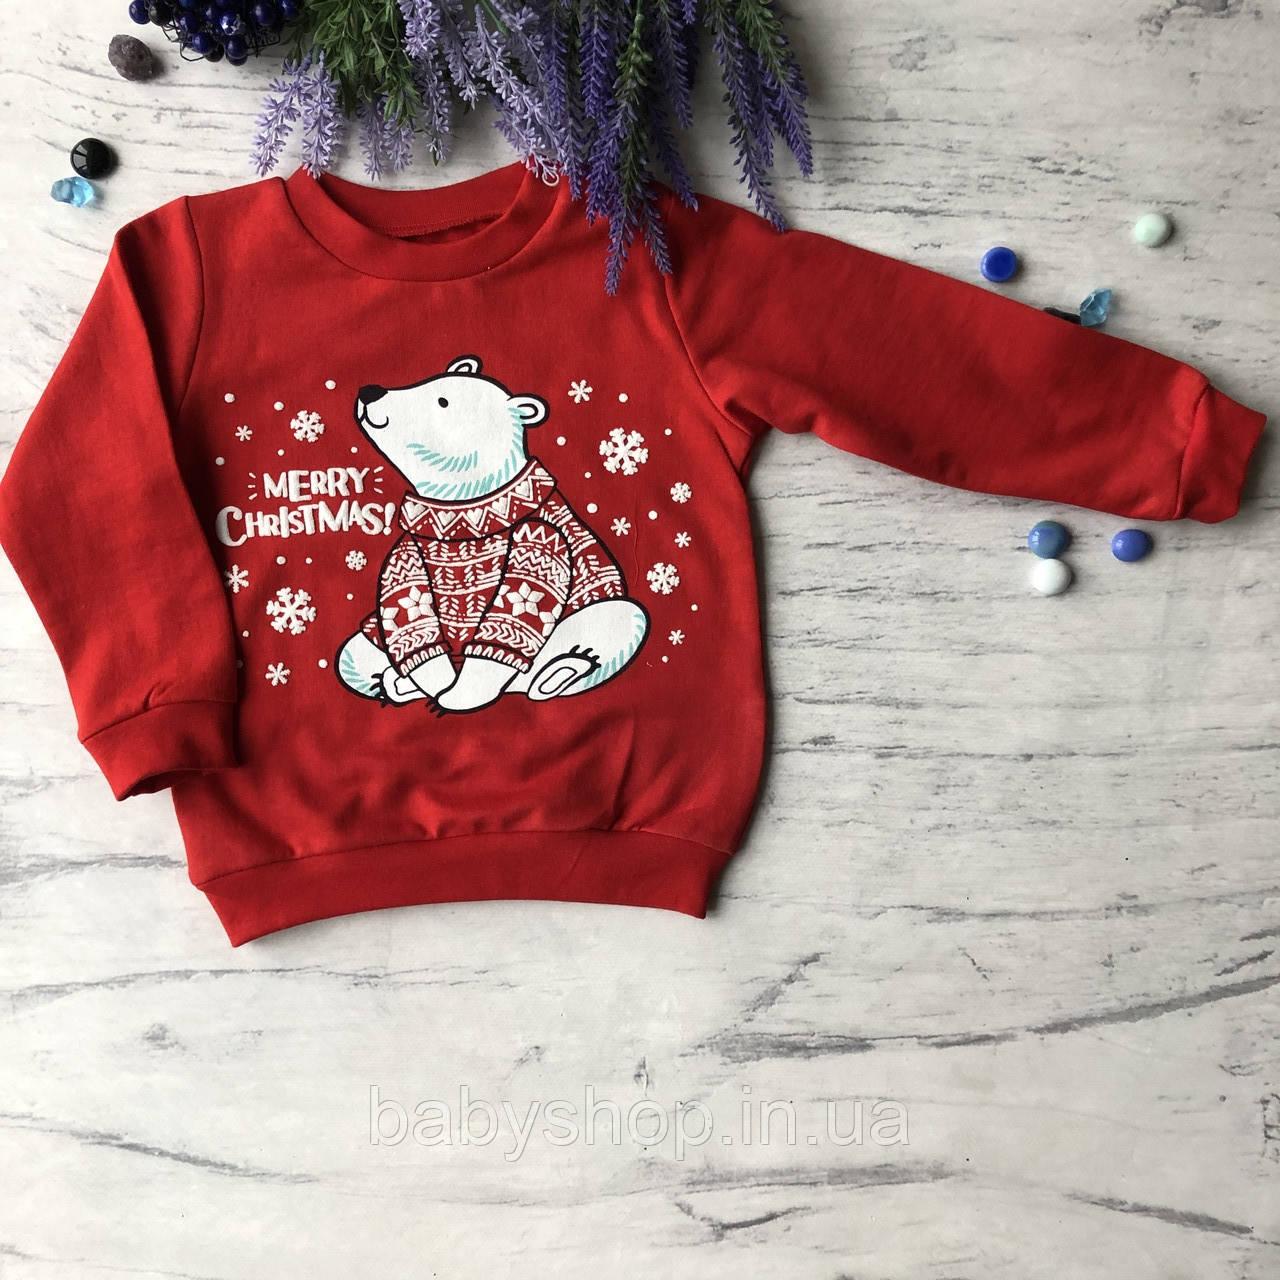 Теплый новогодний джемпер на мальчика  и девочку.  Размеры 92 см, 98 см, 104 см, 110 см, 116 см, 122 см